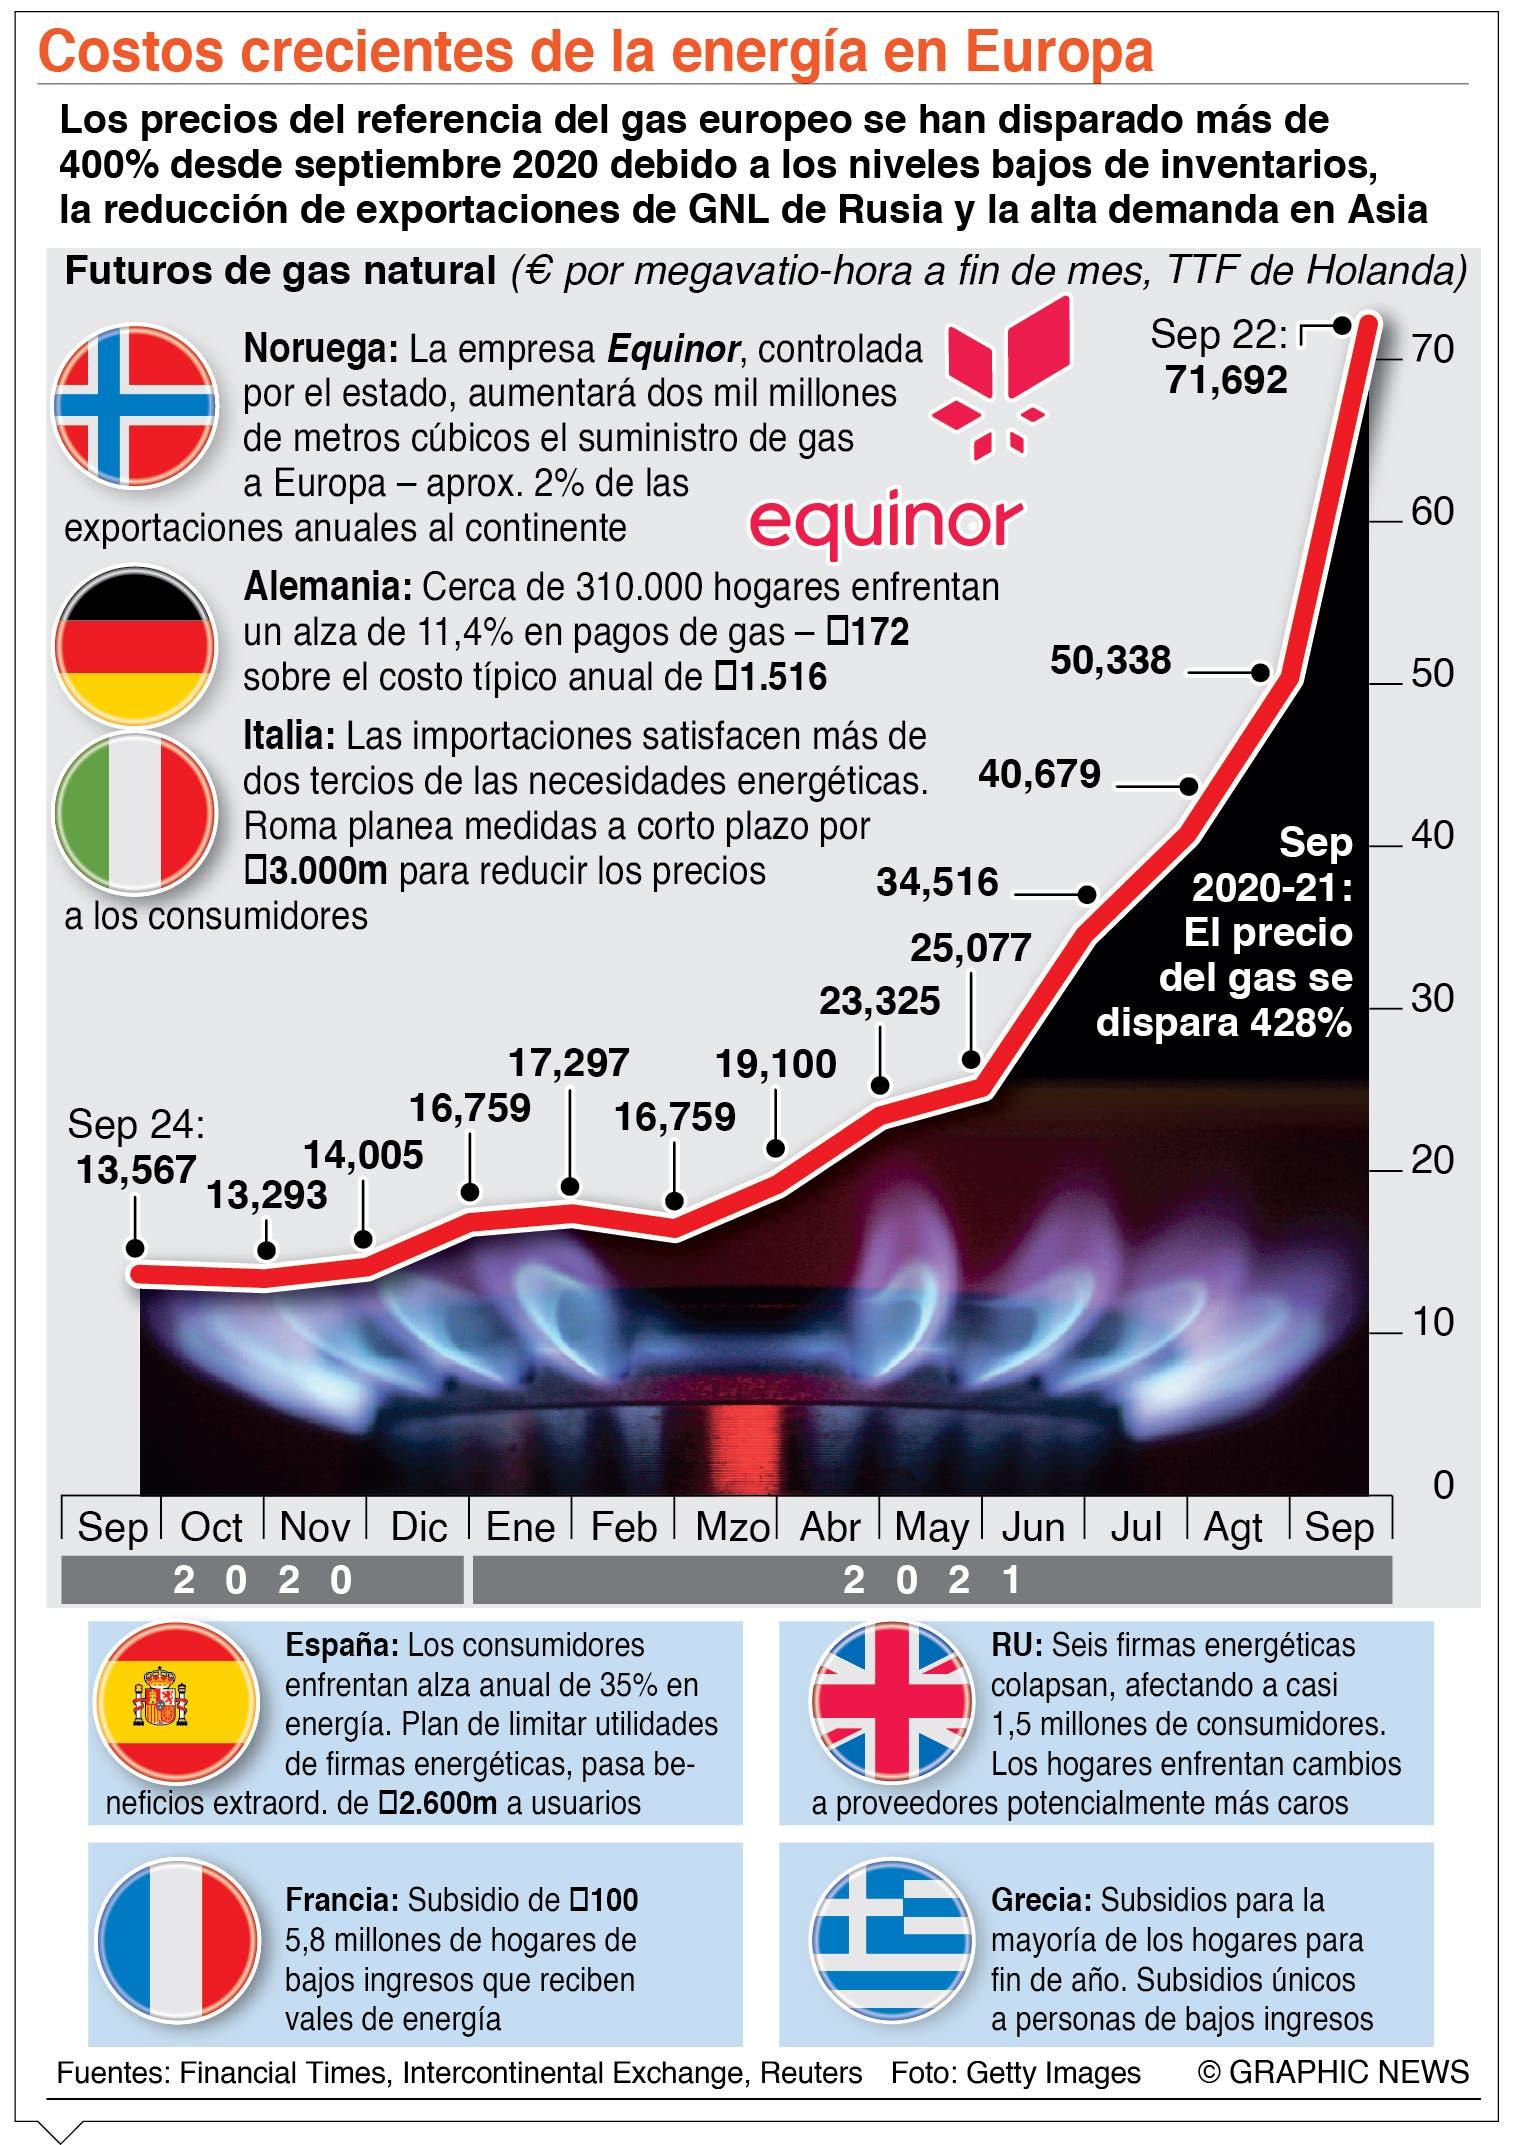 El mundo atraviesa por una crisis energética que amenaza economía